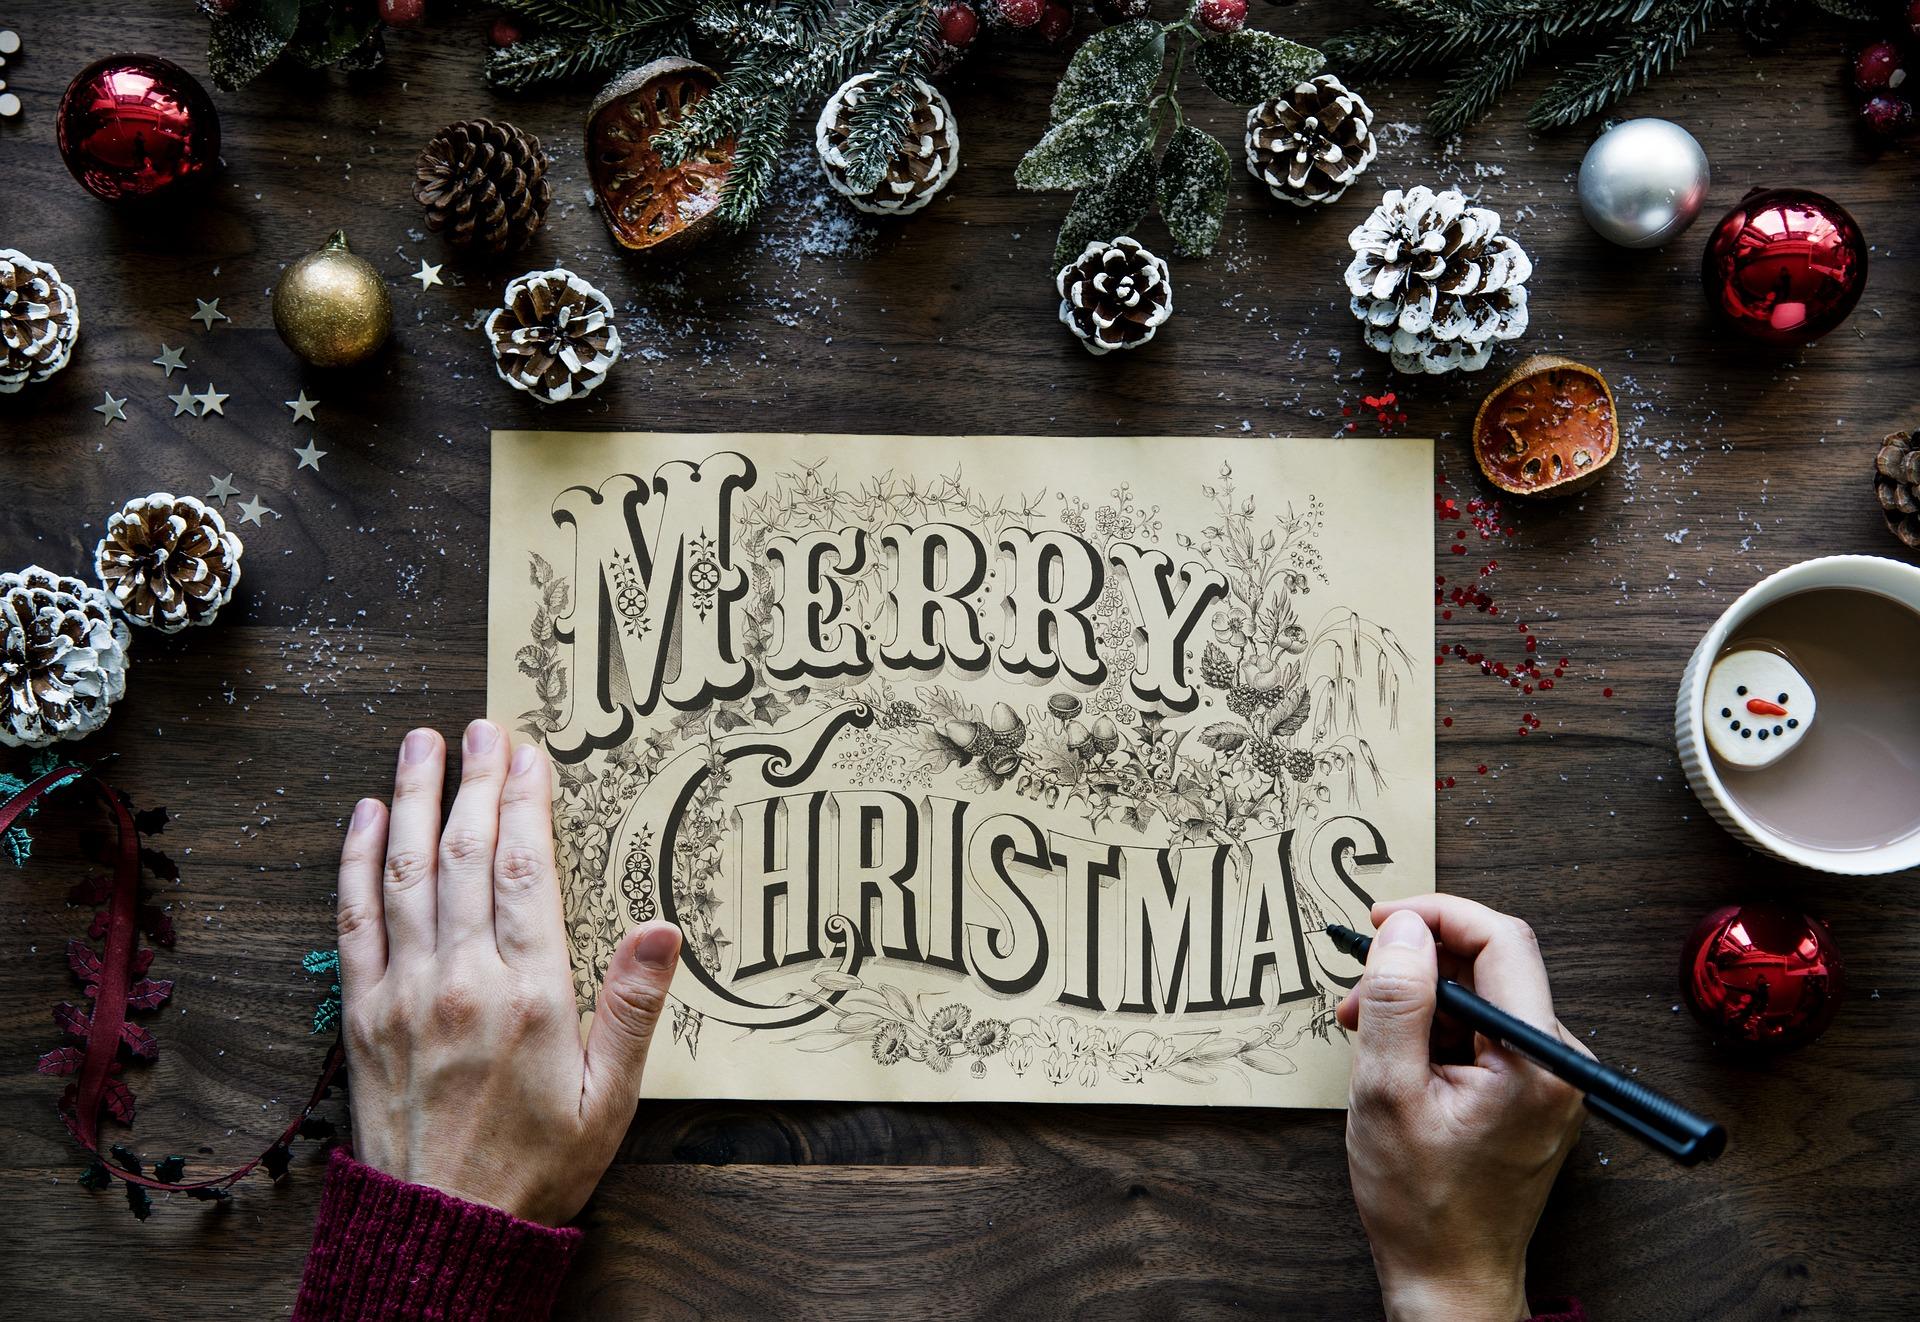 Good news! A Savior is born, Christ, the Lord